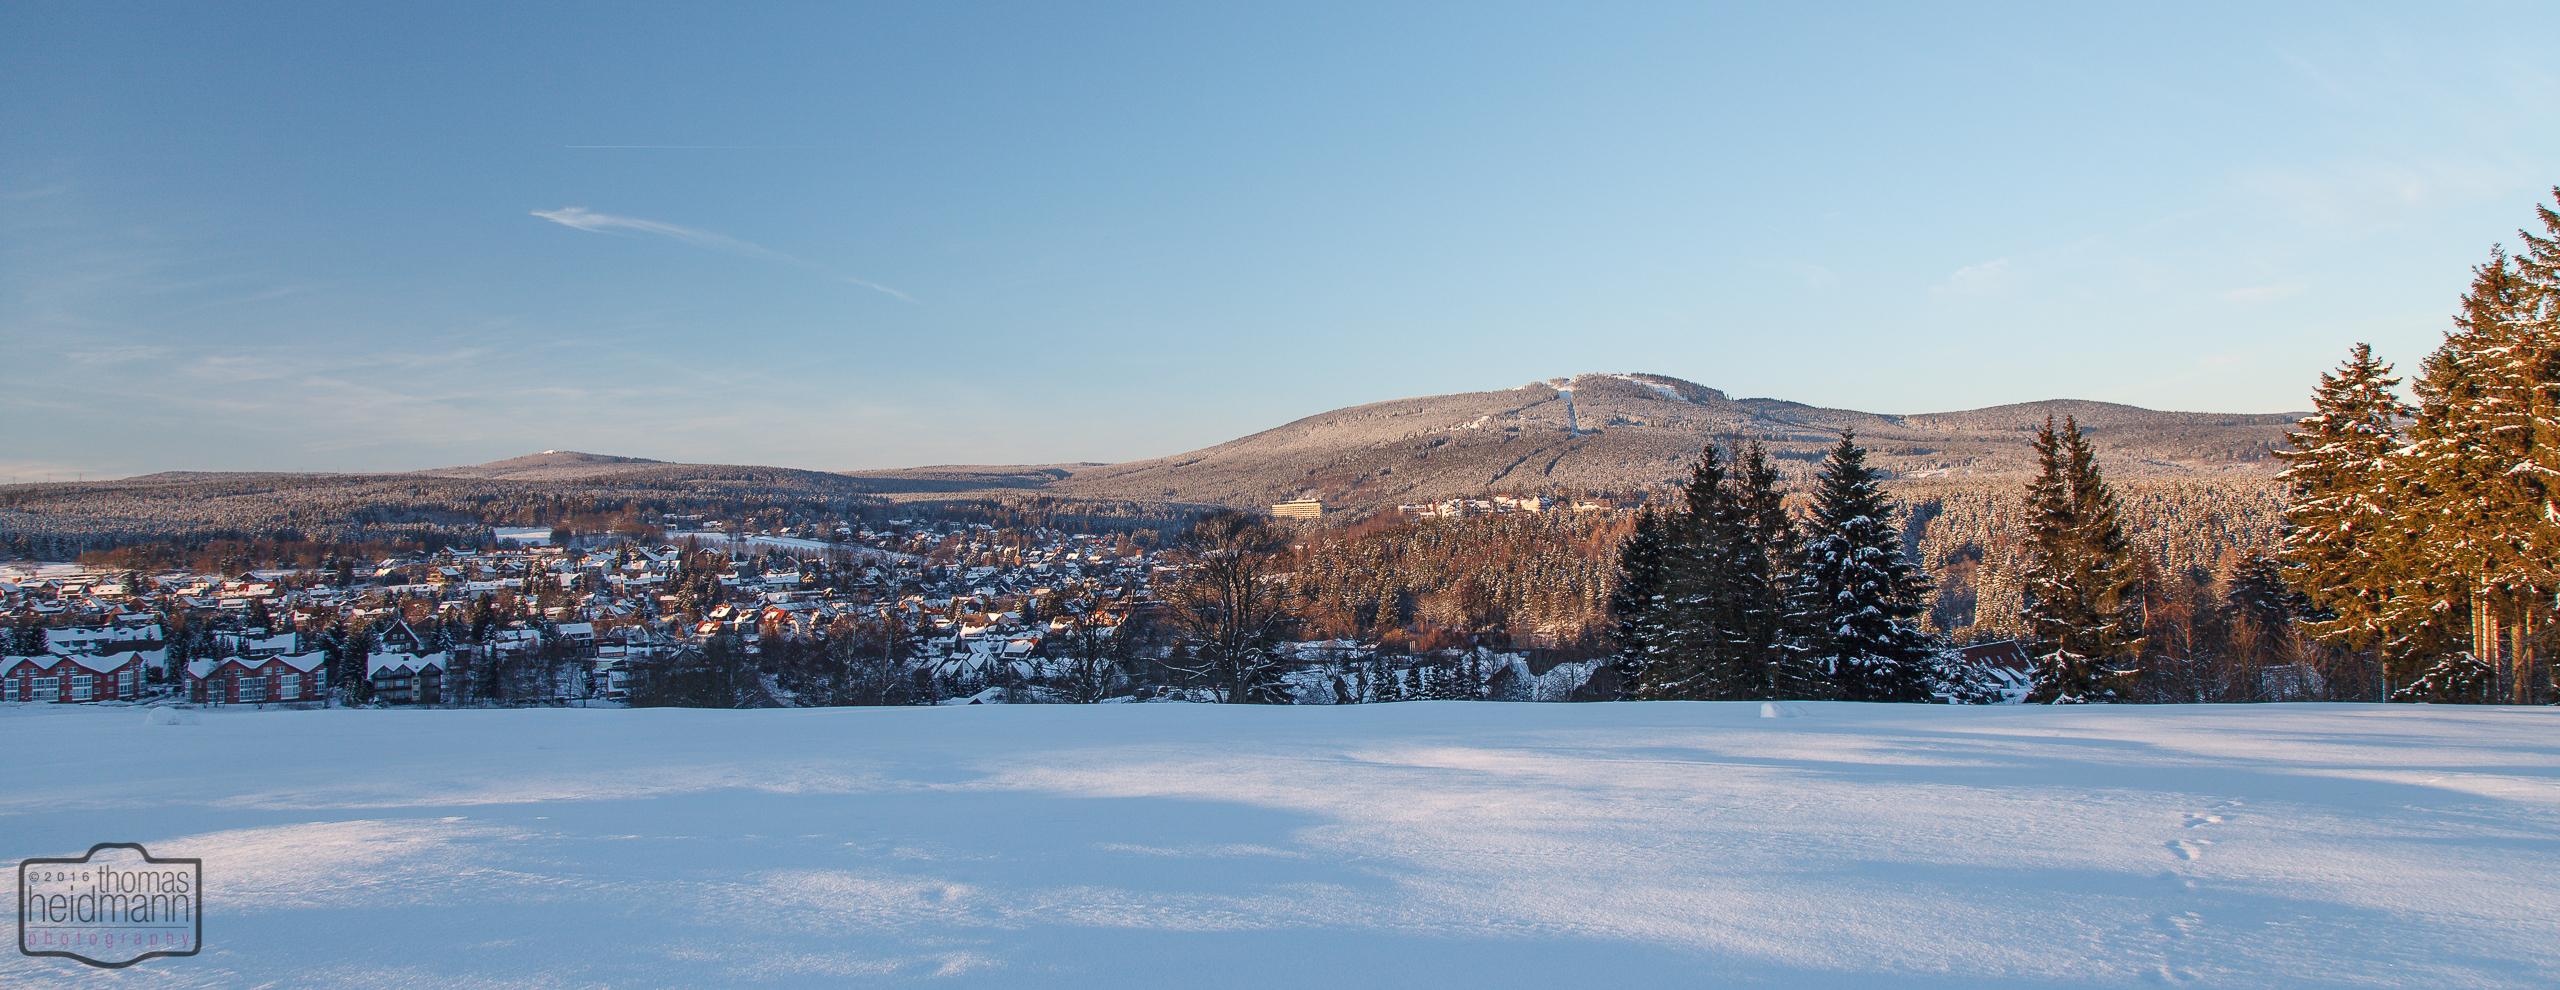 Winterlandschaft bei Braunlage im Harz